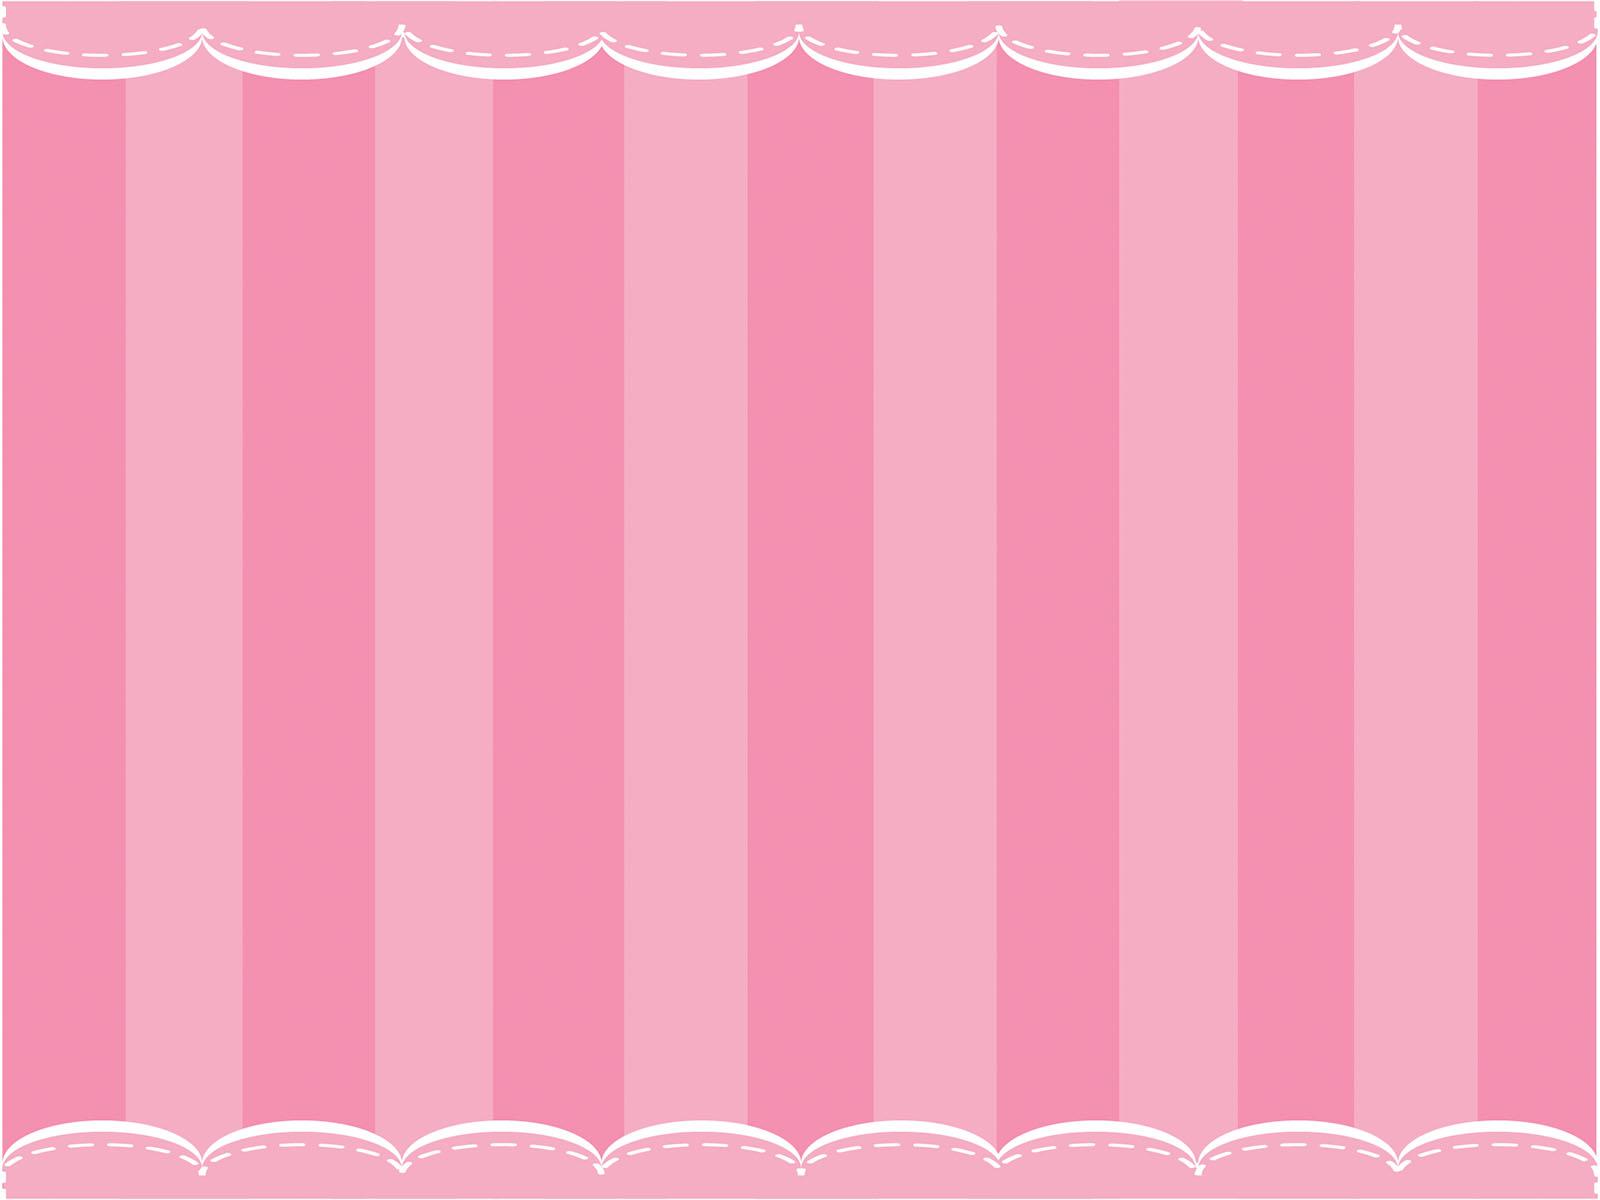 Fundo Para Convite Casamento Formatura Aniversário Chá De Bebe E